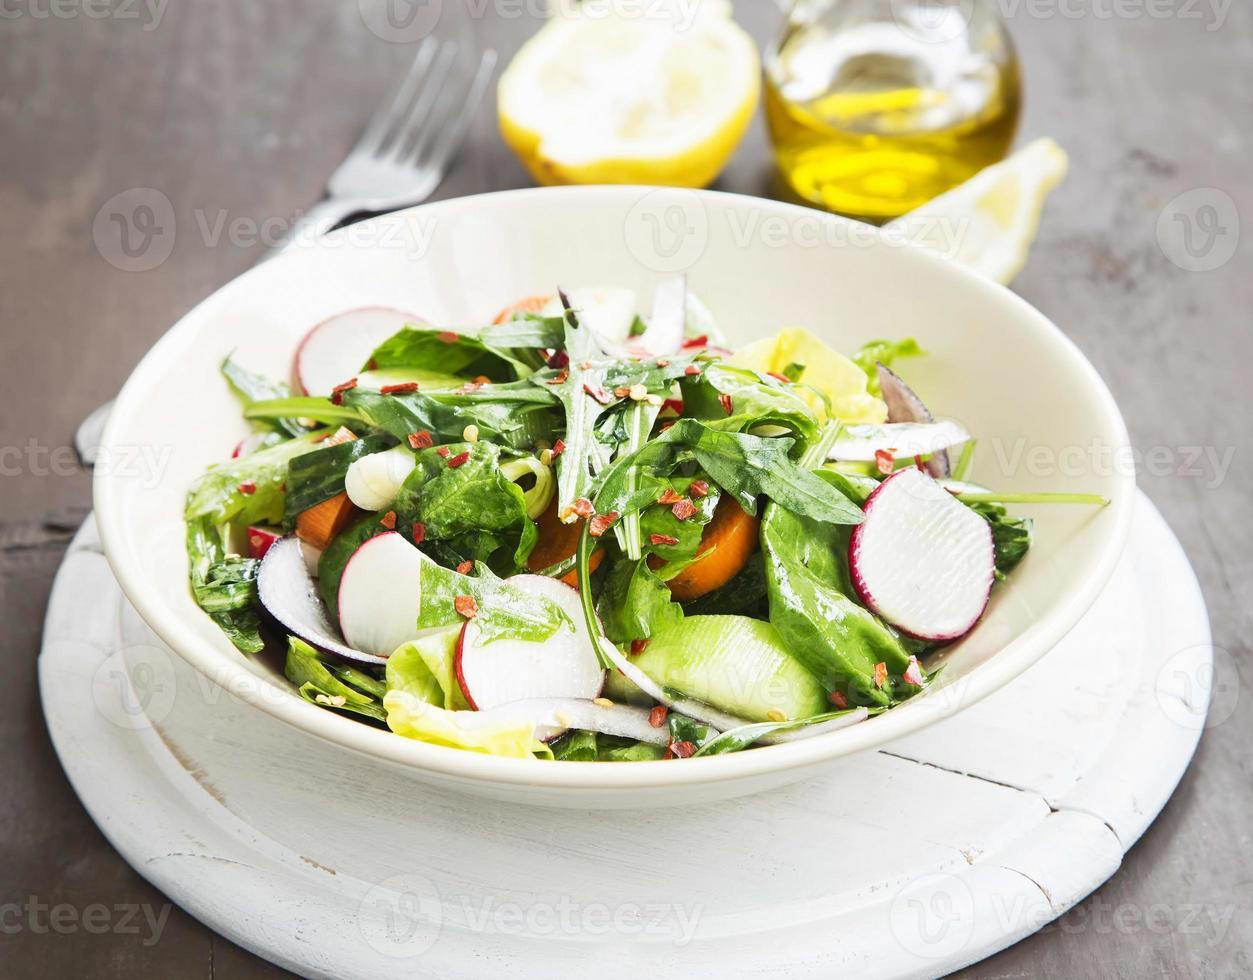 groenten salade gerecht met verse biologische sla, radijs, wortelen foto